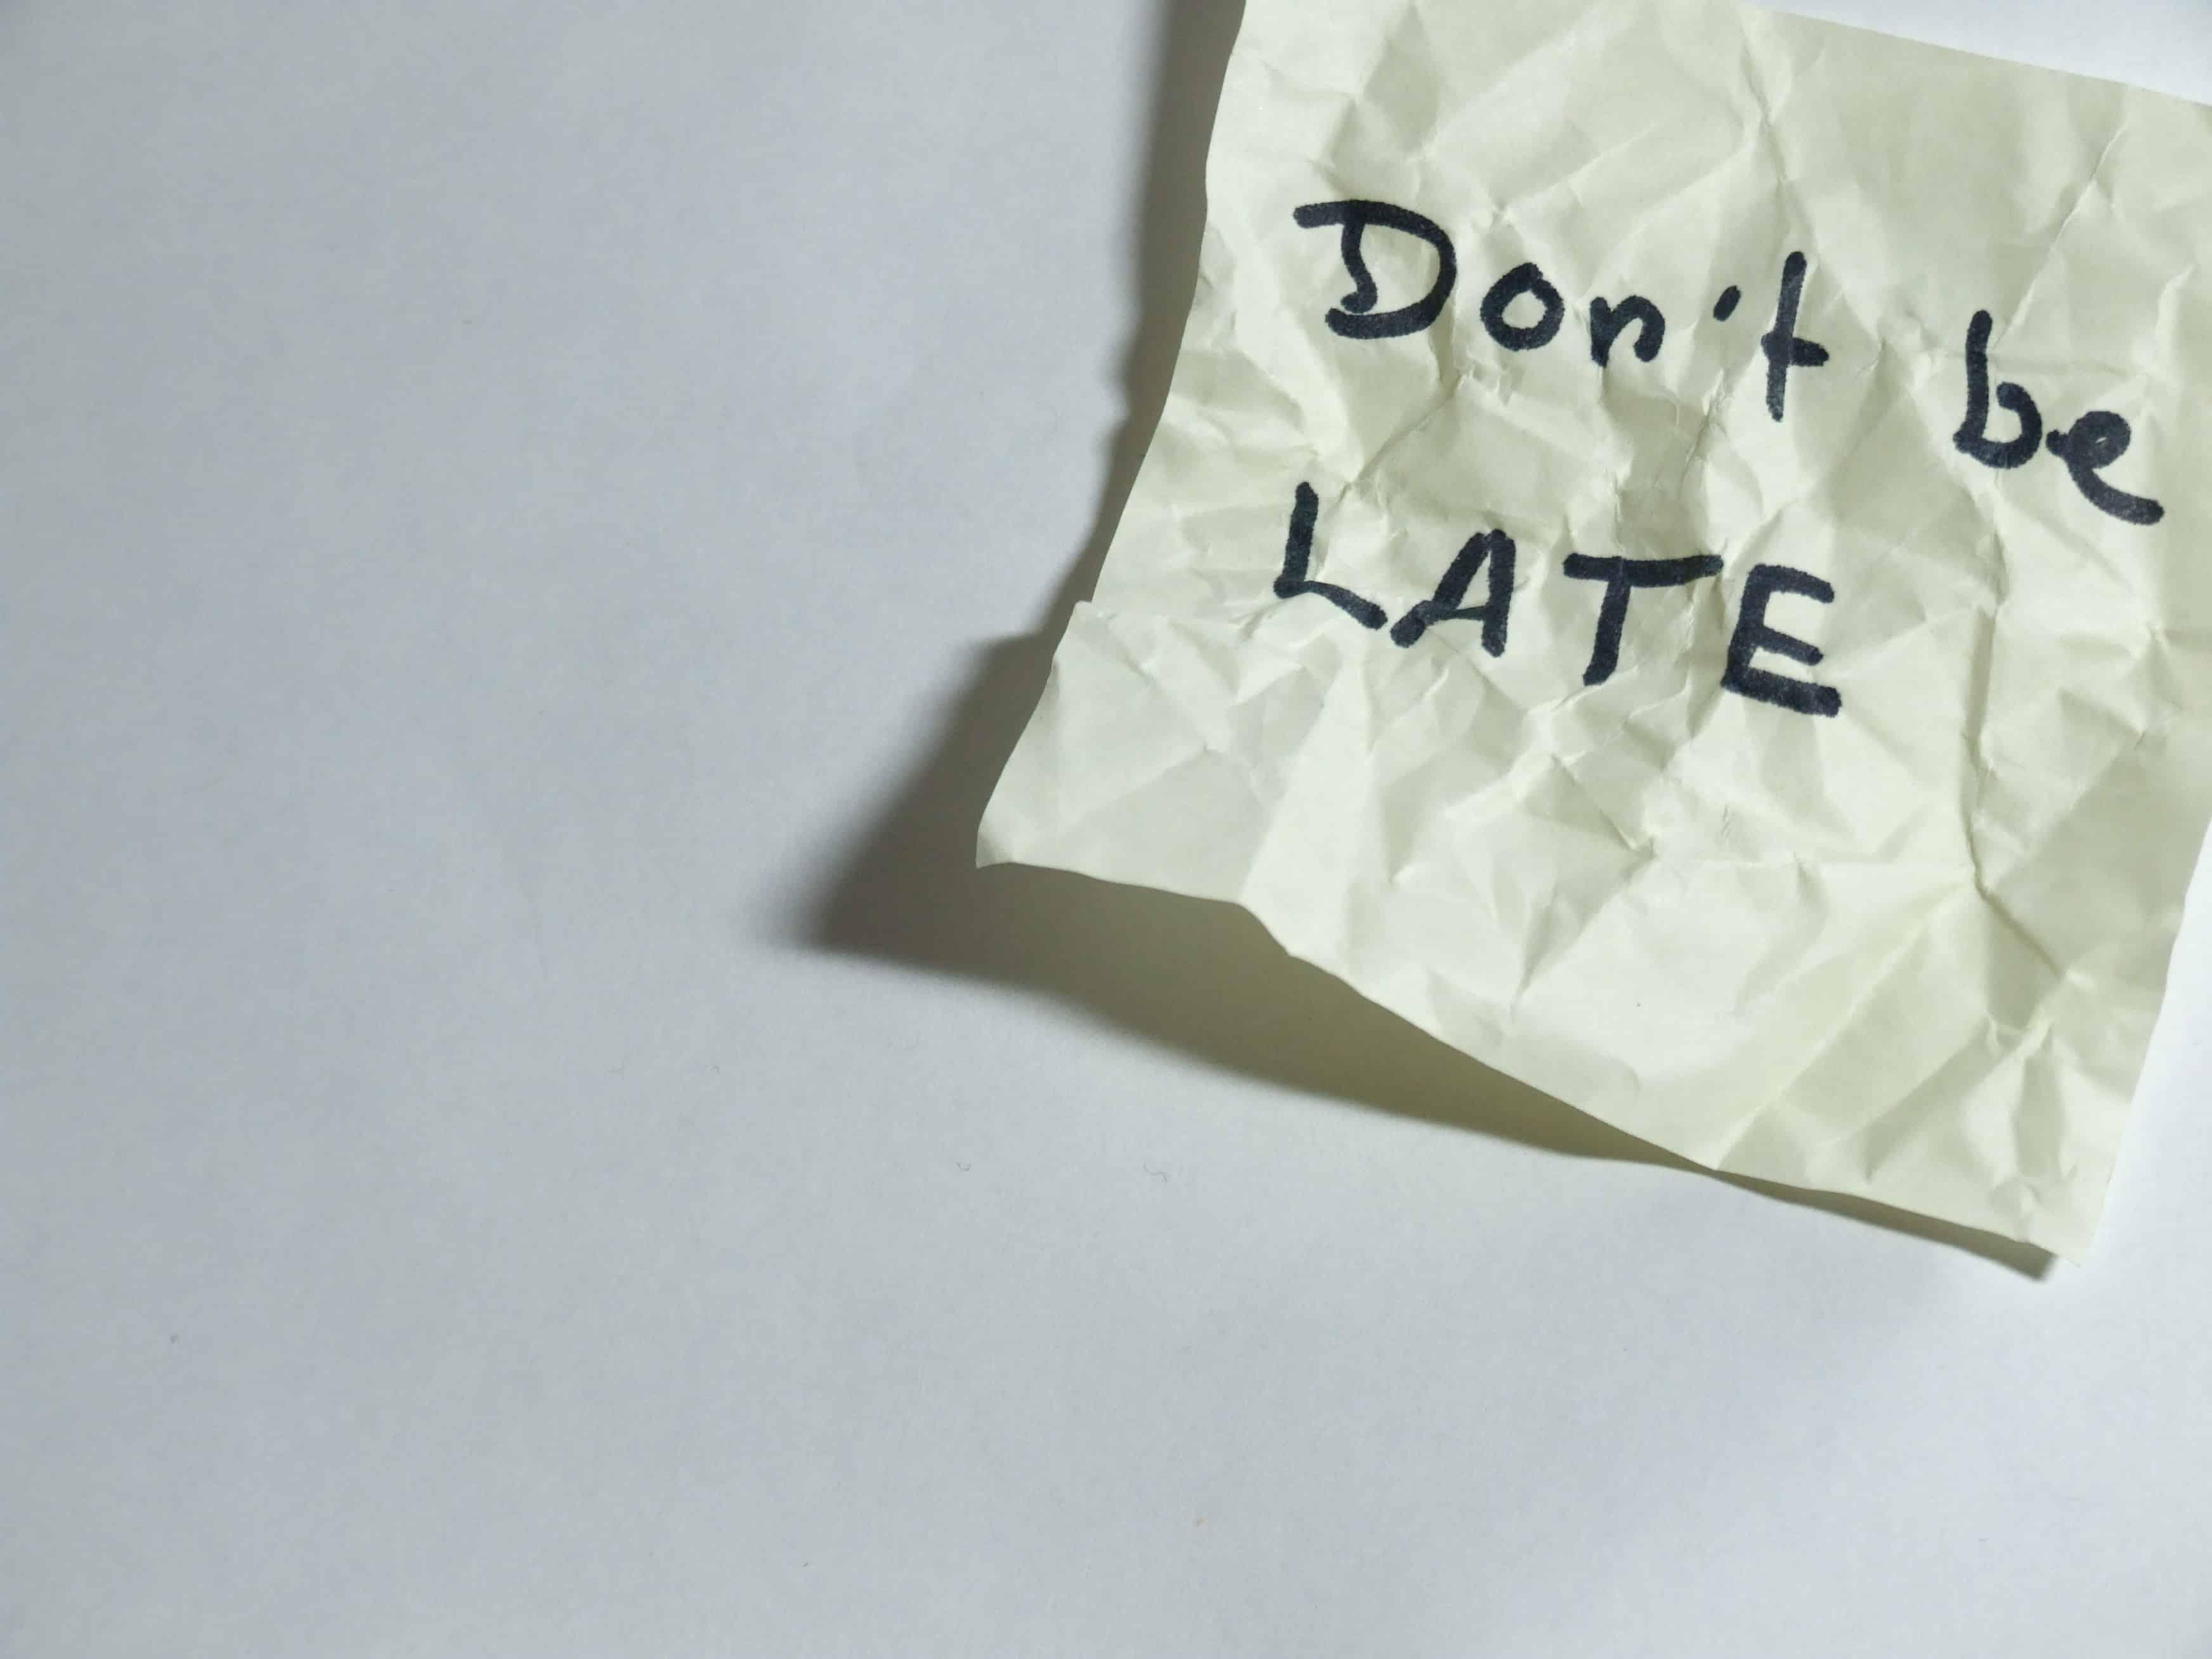 10 startup ötlet, amit nem hagyhatsz ki